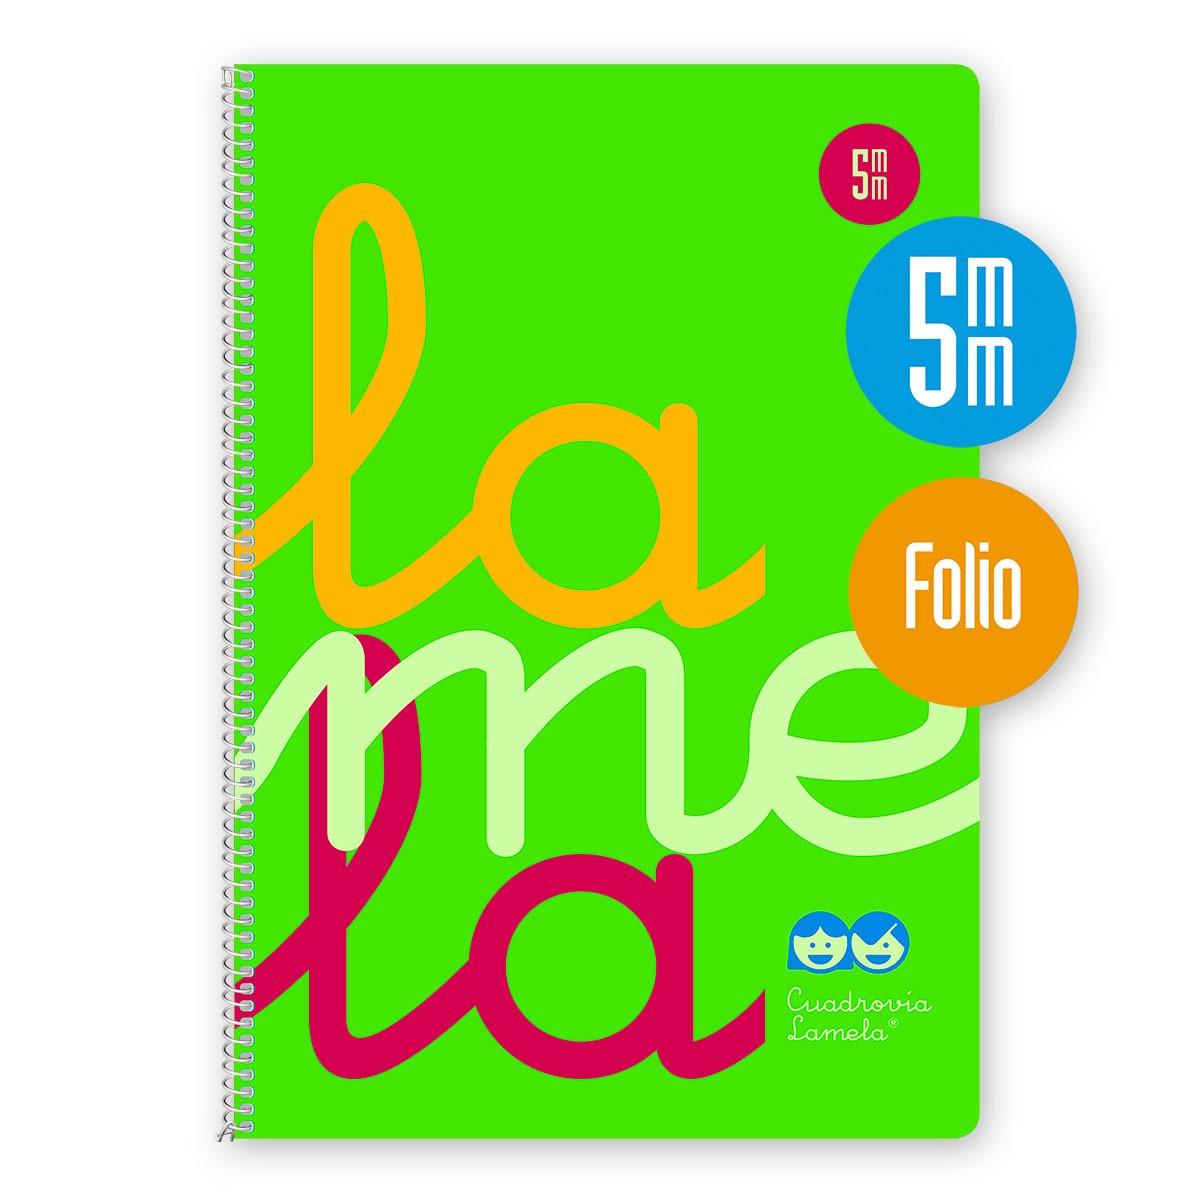 Cuaderno Espiral Folio 80 Hojas, 90 Grs. Cubierta Polipropileno Fluor. VERDE. Cuadrovía 5mm.